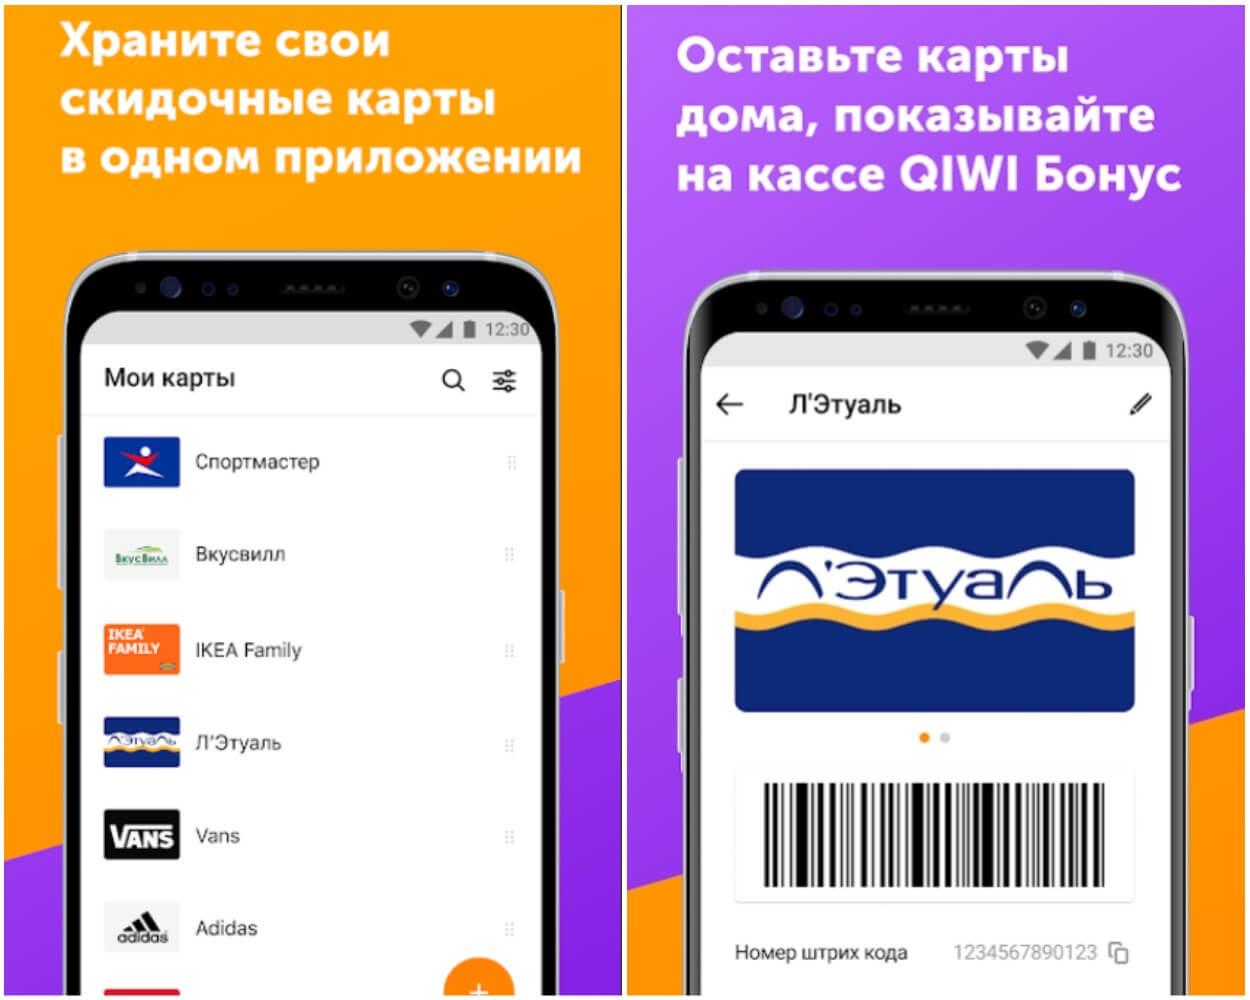 На фото изображено приложение Qiwi бонус.